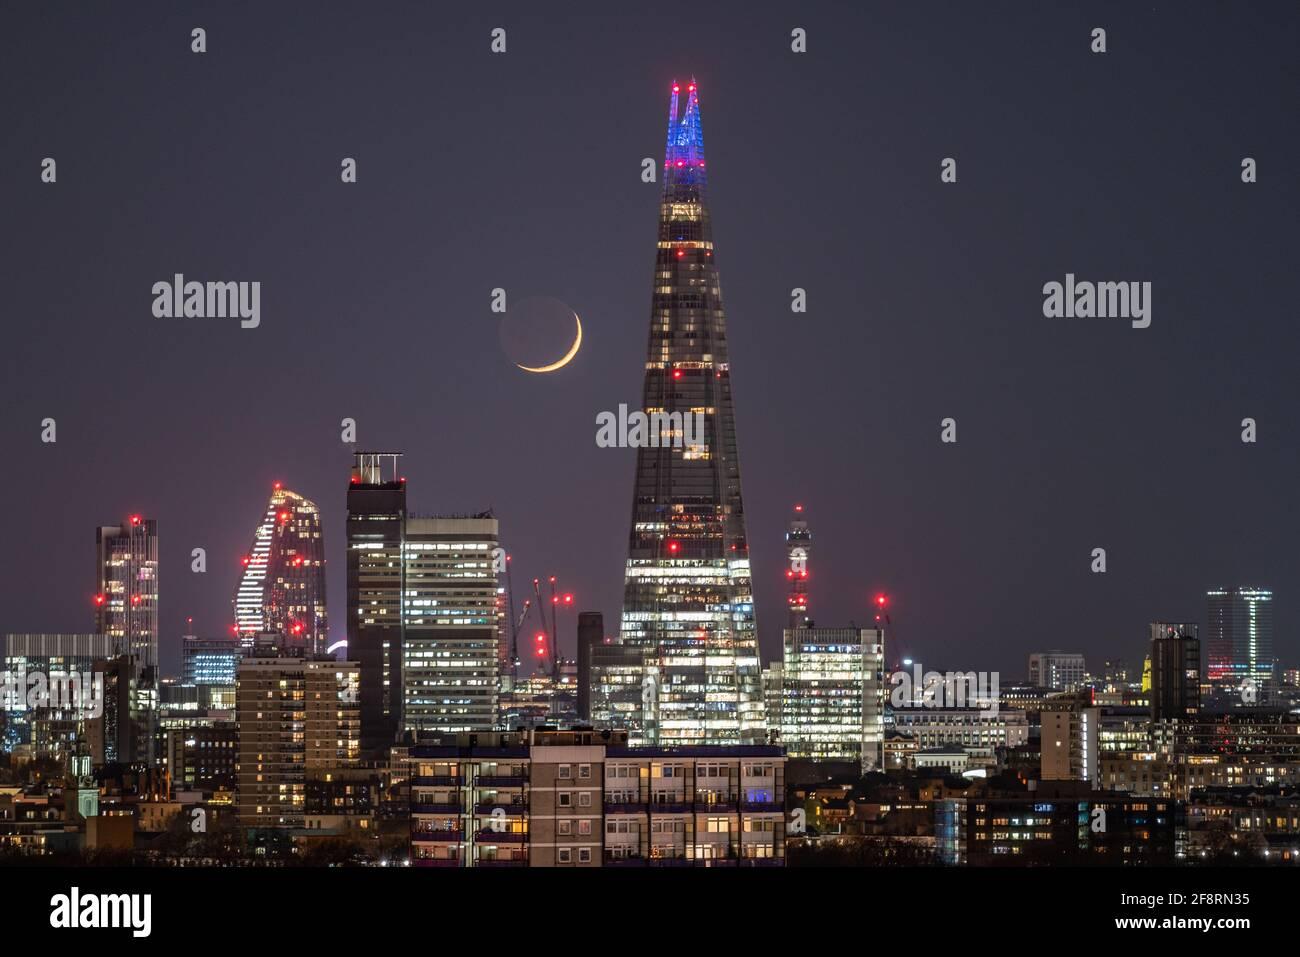 Londra, Regno Unito. 14 aprile 2021. UK Weather: Una luna di Waxing Crescent tramonta nelle ultime ore del mercoledì passando per il grattacielo Shard edificio seguendo una direzione nord-ovest. Credit: Guy Corbishley/Alamy Live News Foto Stock